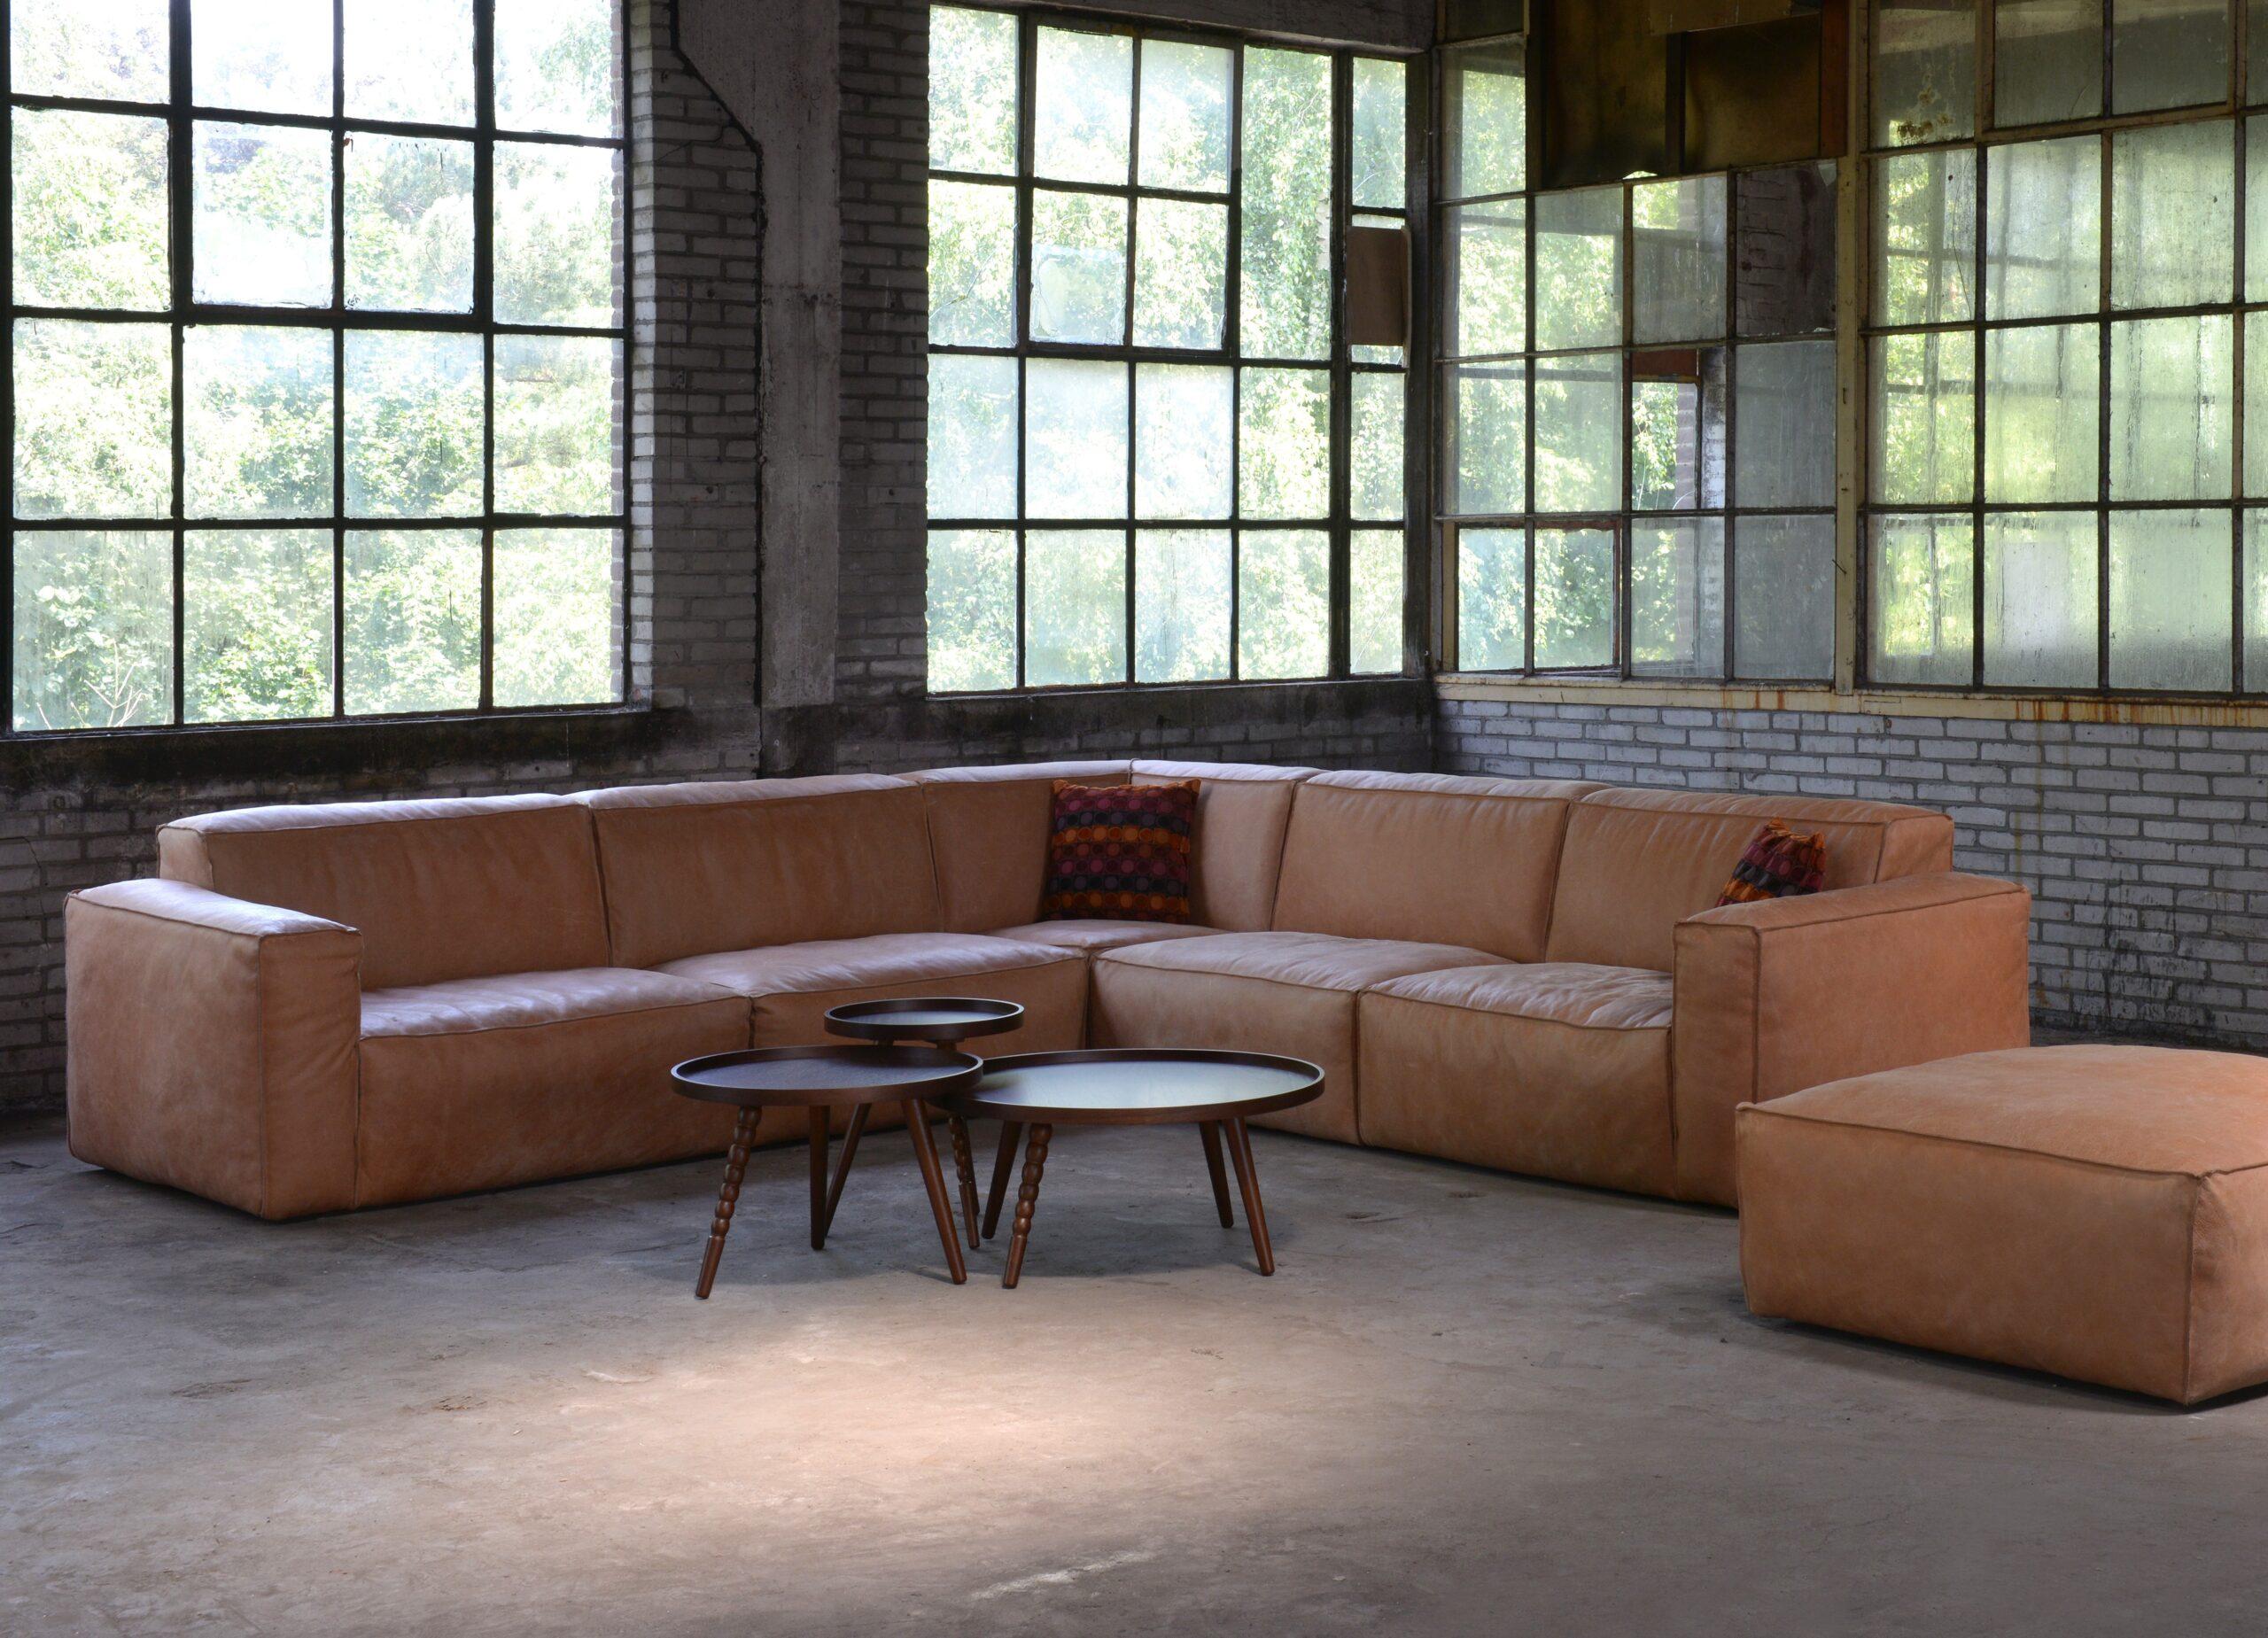 Full Size of Großes Ecksofa Elise Von Room108 Sofa Bezug Garten Bett Mit Ottomane Regal Bild Wohnzimmer Wohnzimmer Großes Ecksofa